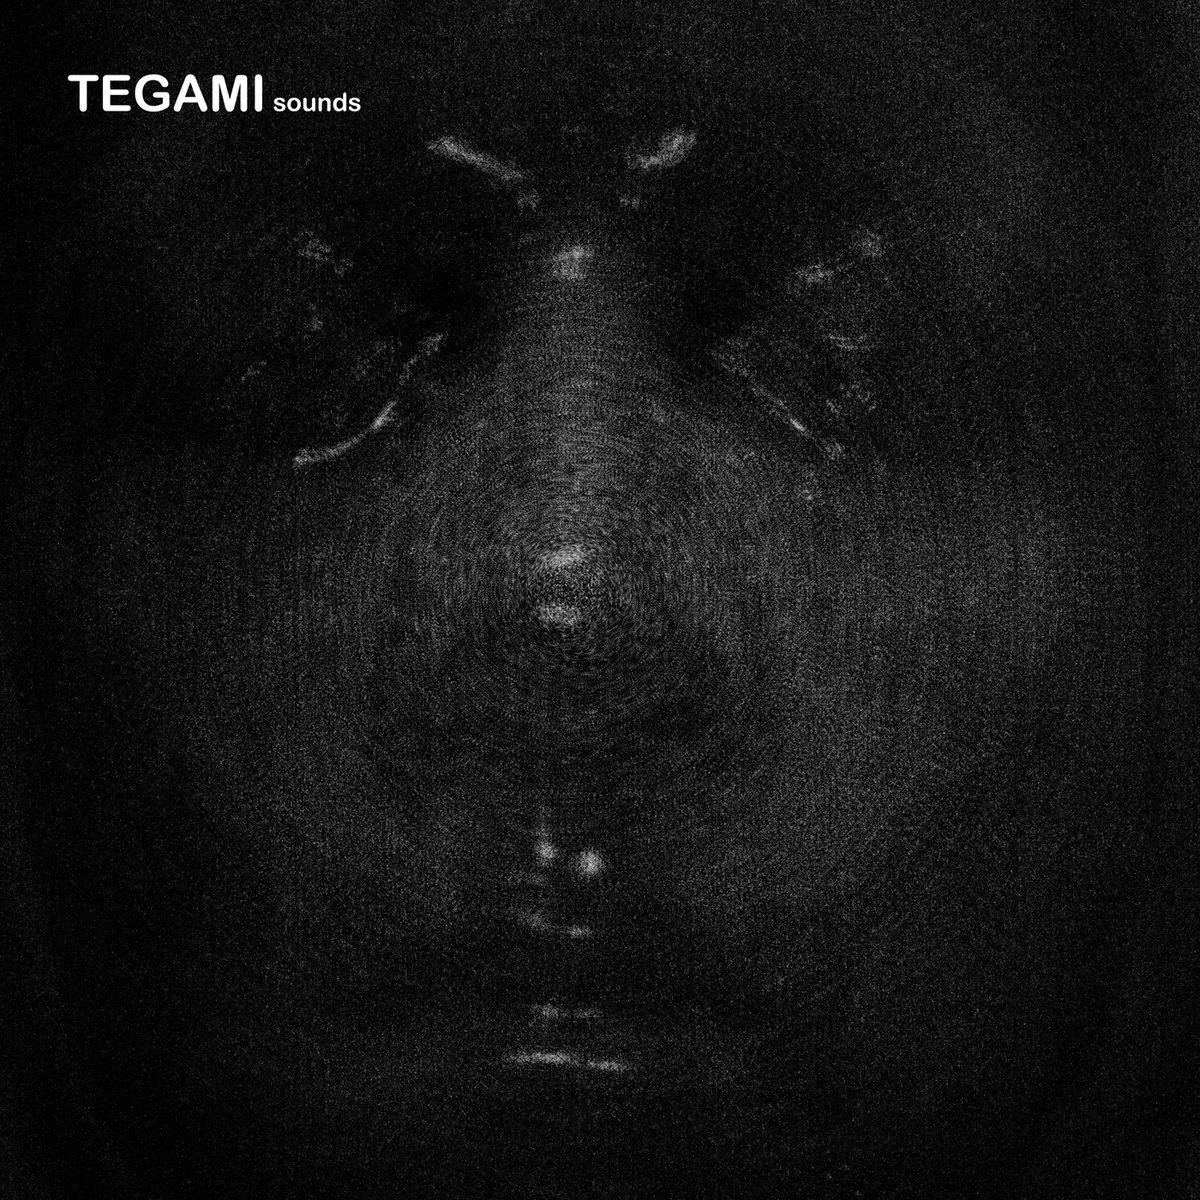 TEGAMI sounds